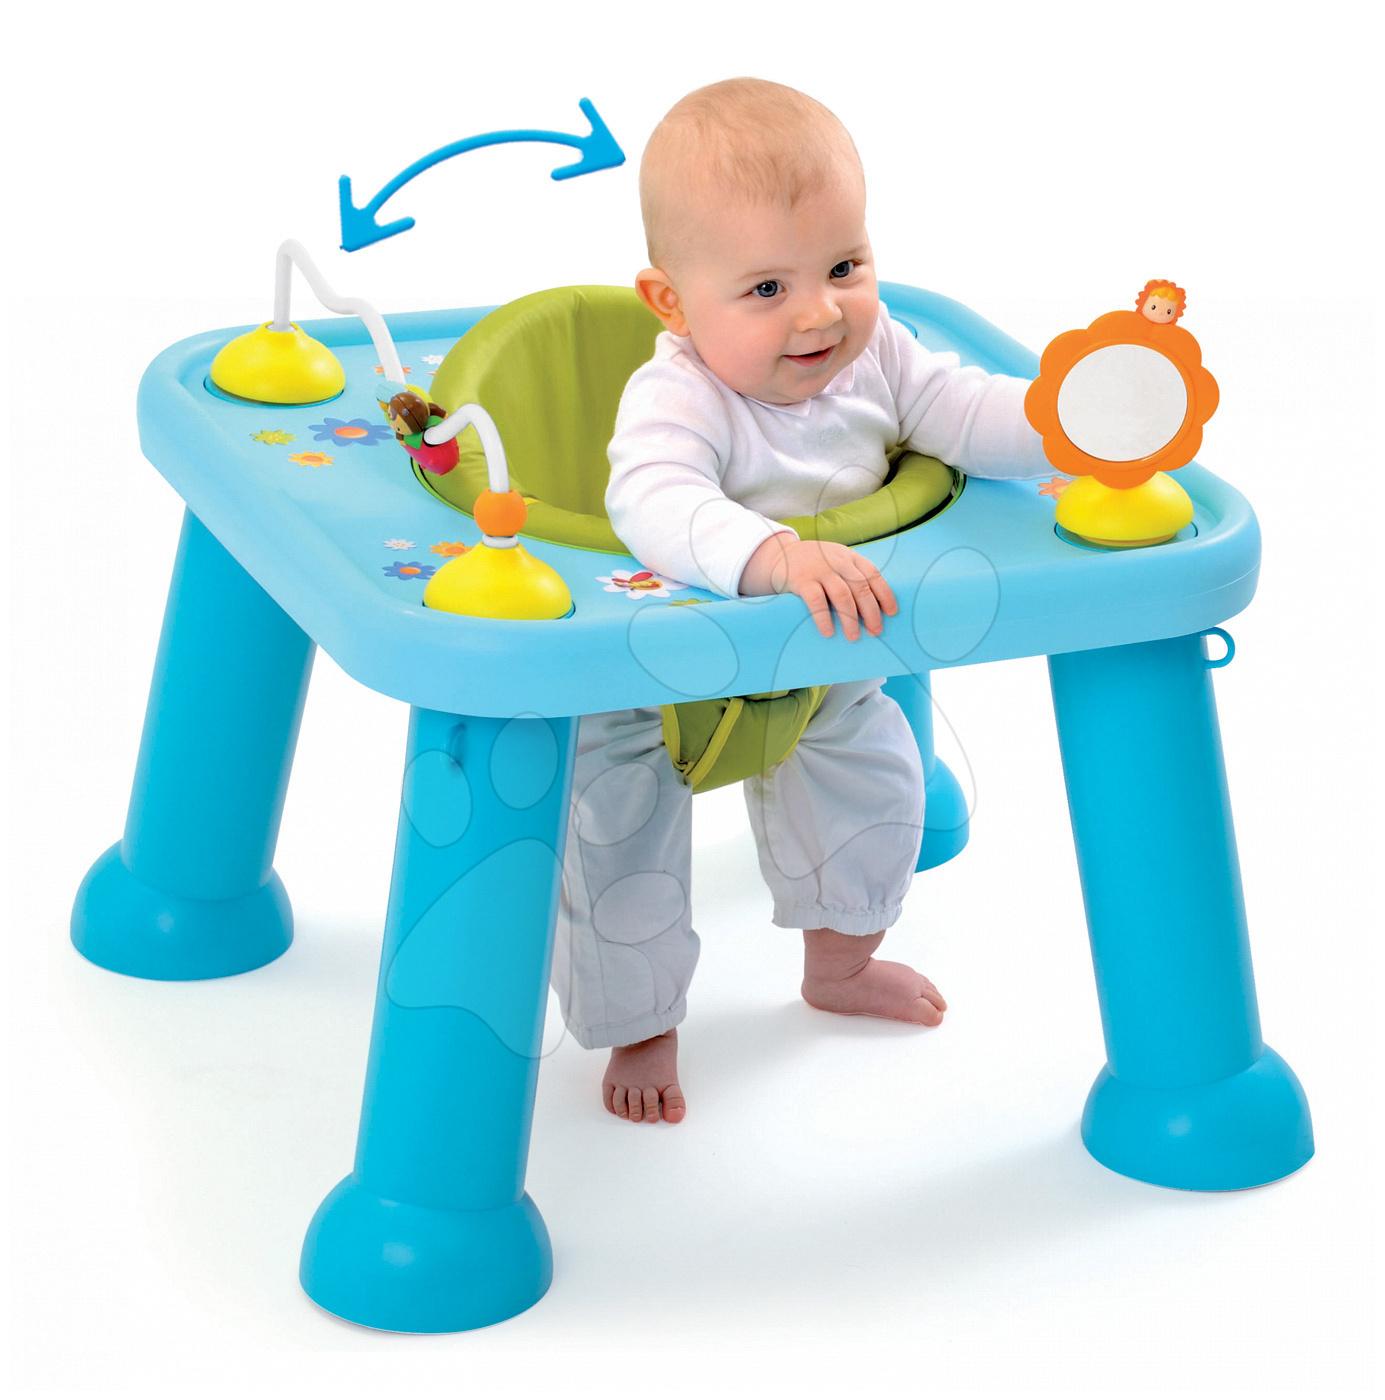 Stolík Cotoons Youpi Smoby s hračkami modrý od 6 mes